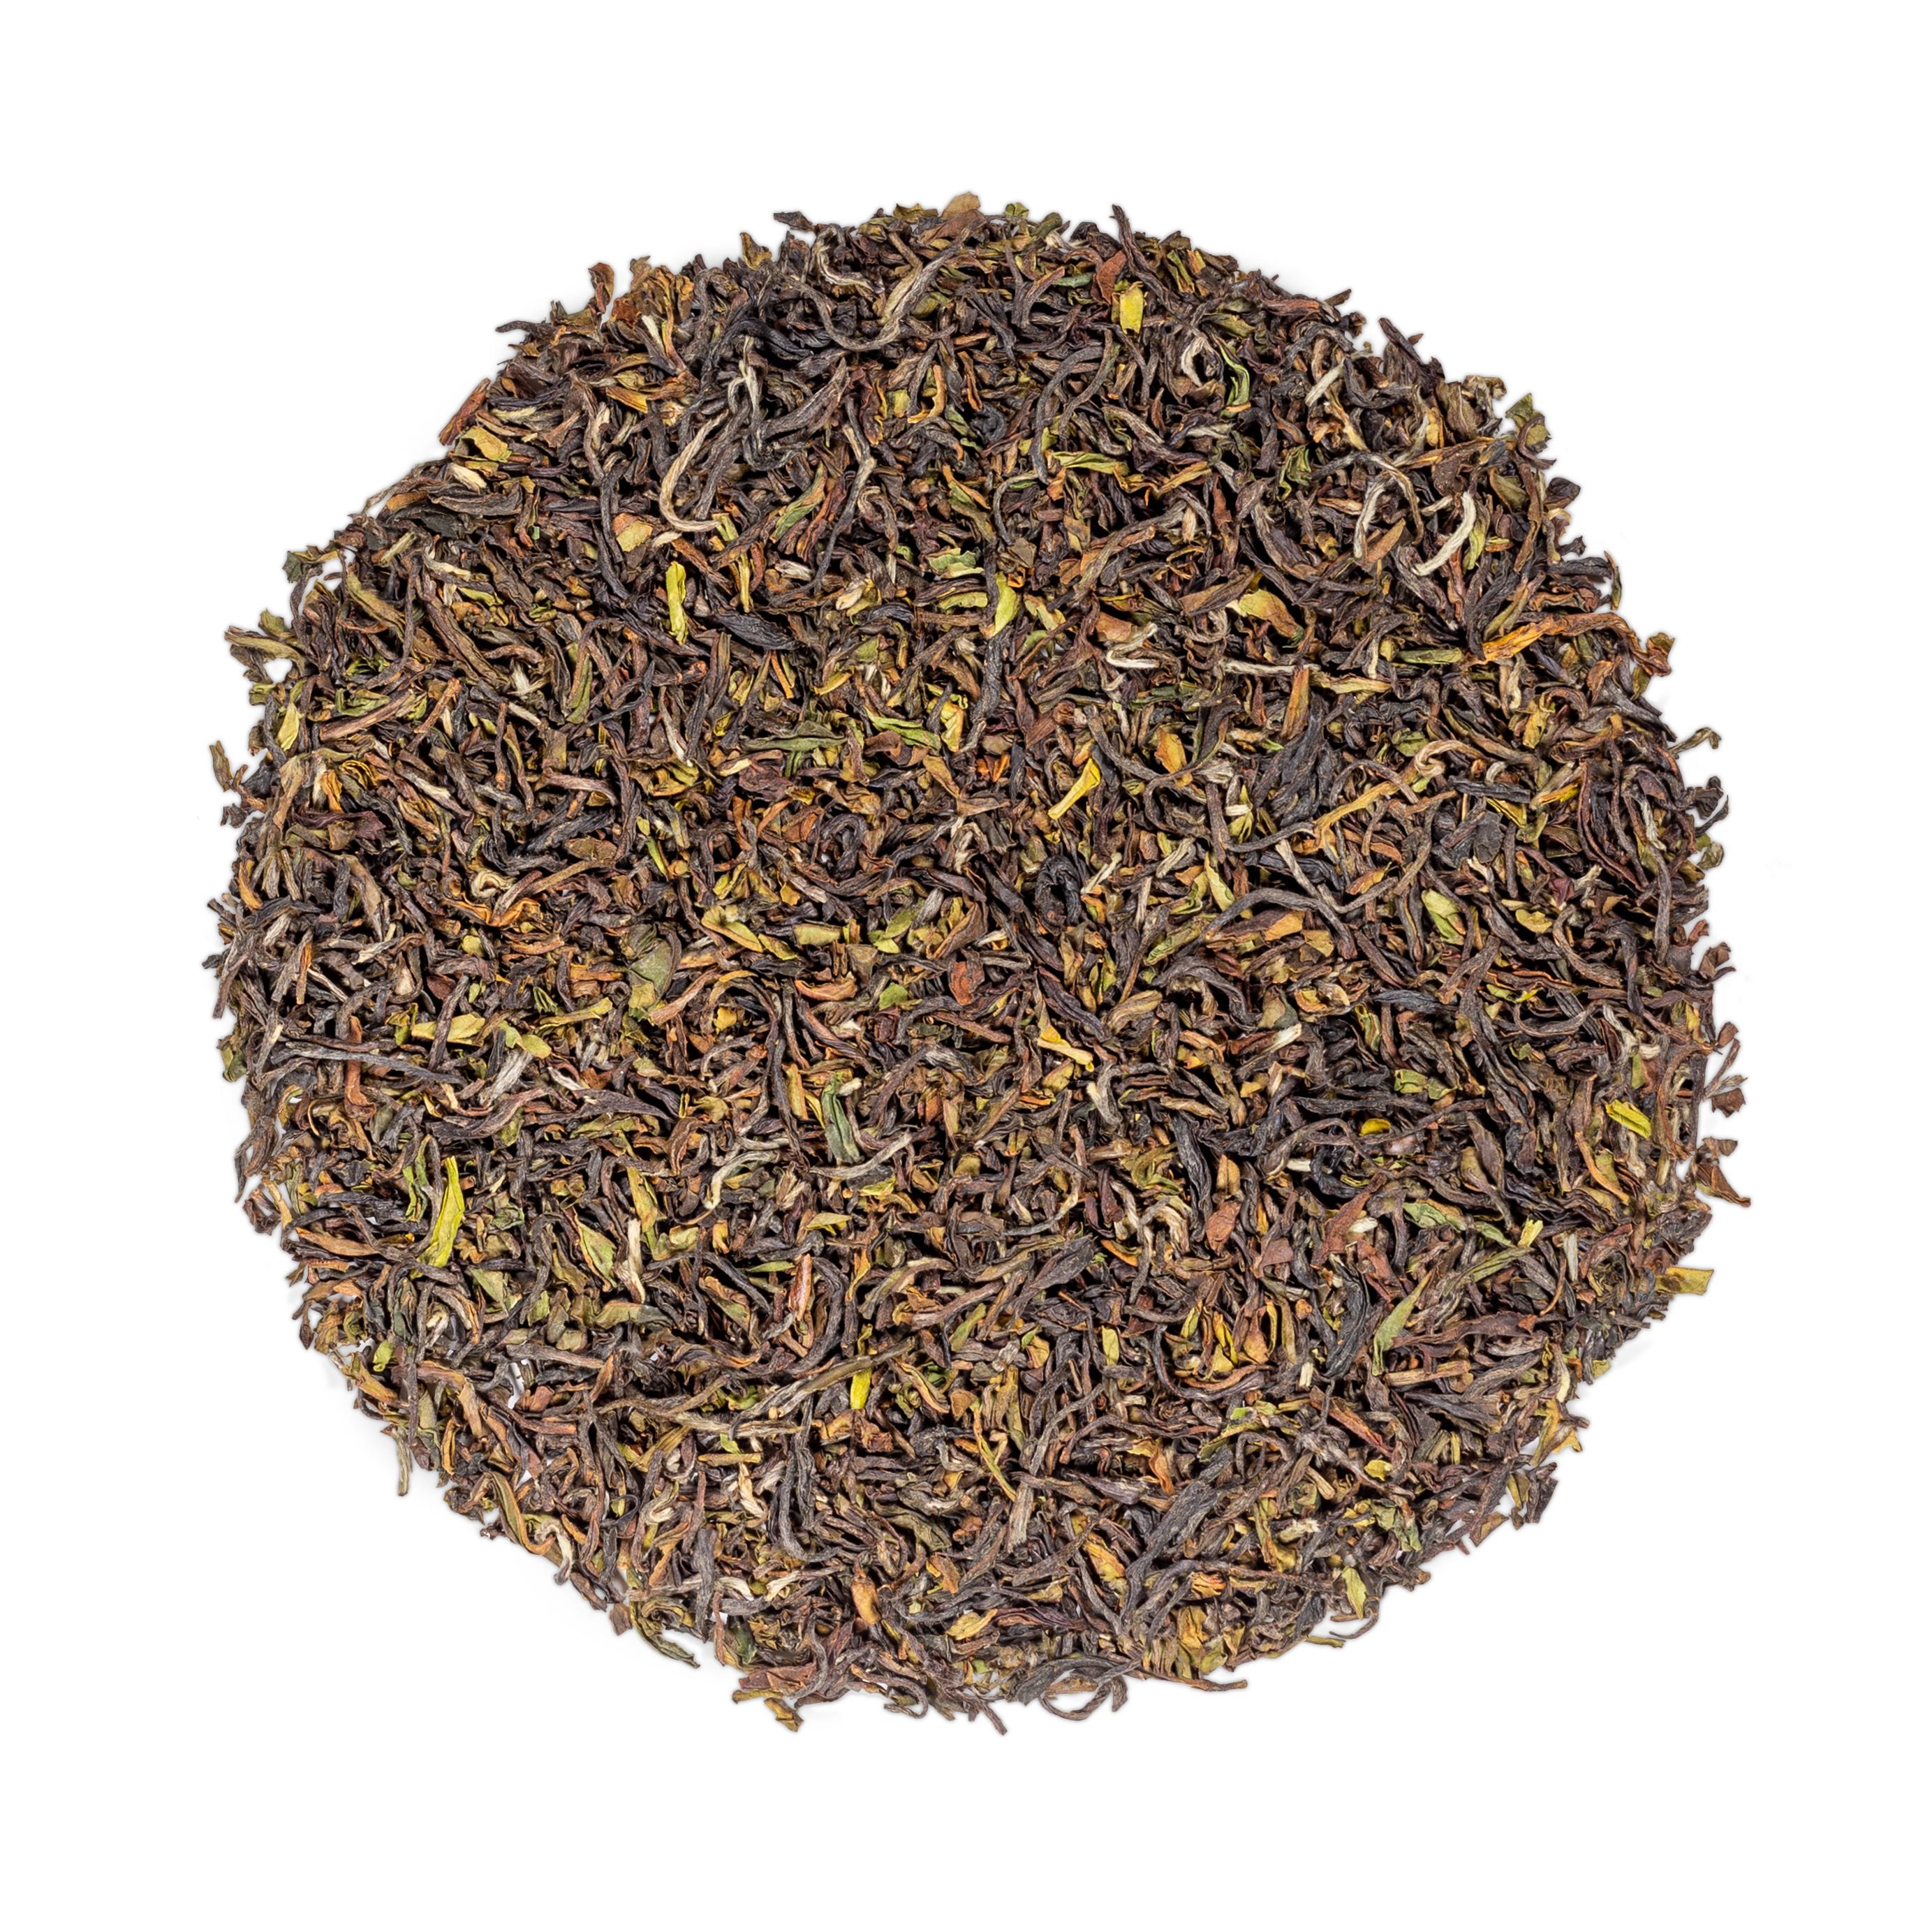 KUSMI TEA Thé noir du Népal, Jardin de Guranse bio - Thé noir du Népal - Thé en vrac - Kusmi Tea